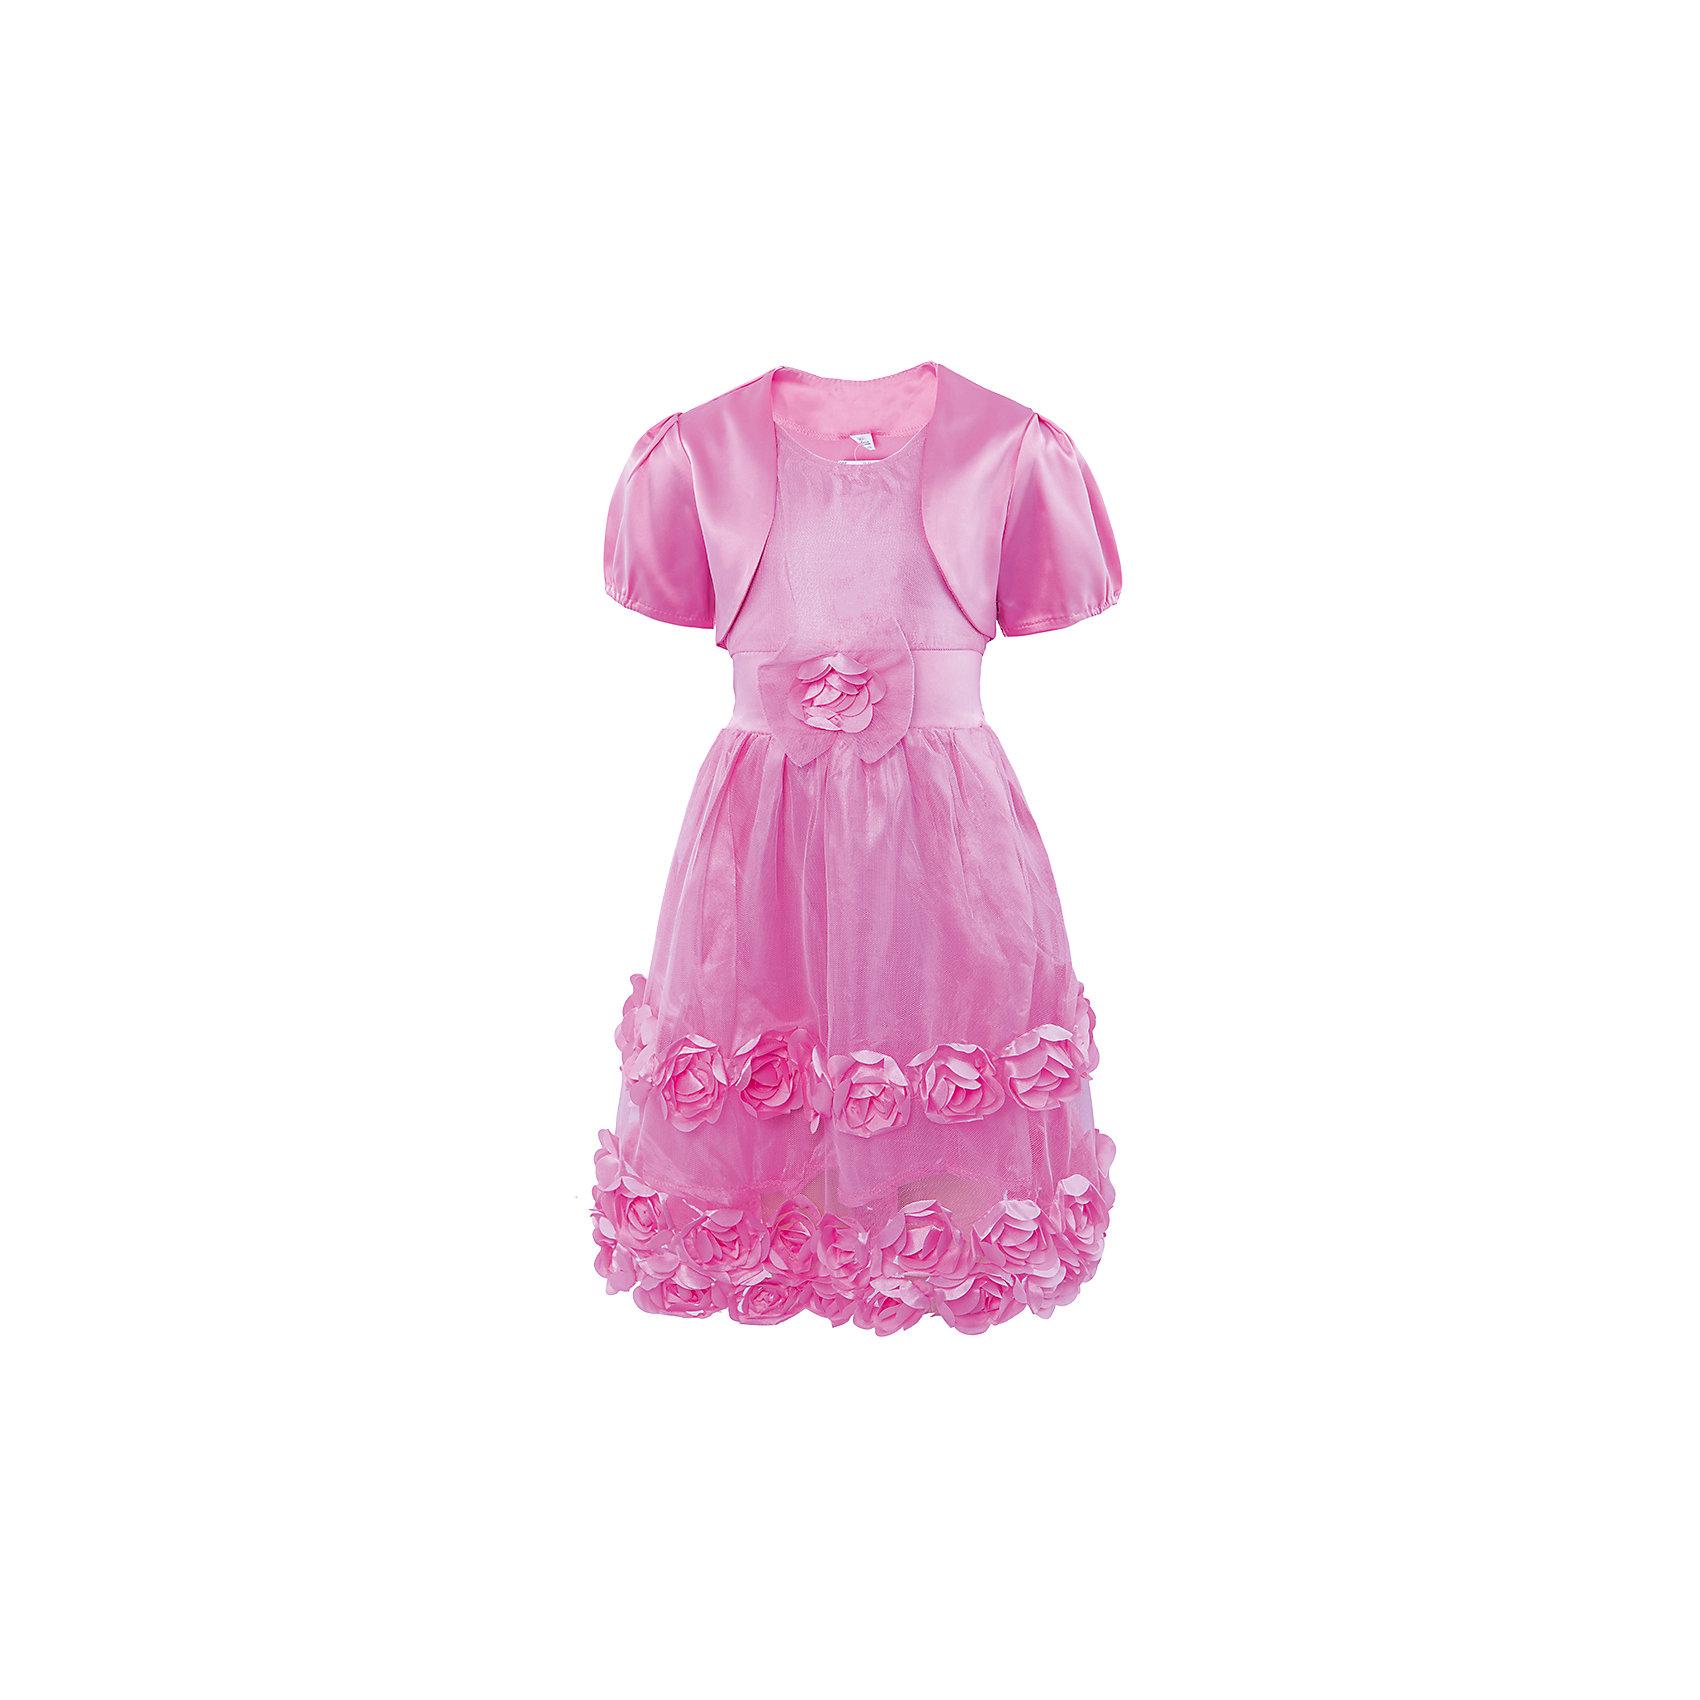 Платье ВенераНарядное платье для девочки. Комплект состоят из платья и атласной горжетки. Платье с пышной юбкой, украшенной объемными розами и атласным поясом.<br><br>Ширина мм: 236<br>Глубина мм: 16<br>Высота мм: 184<br>Вес г: 177<br>Цвет: розовый<br>Возраст от месяцев: 36<br>Возраст до месяцев: 48<br>Пол: Женский<br>Возраст: Детский<br>Размер: 98/104,110/116,104/110,116/122<br>SKU: 4388963